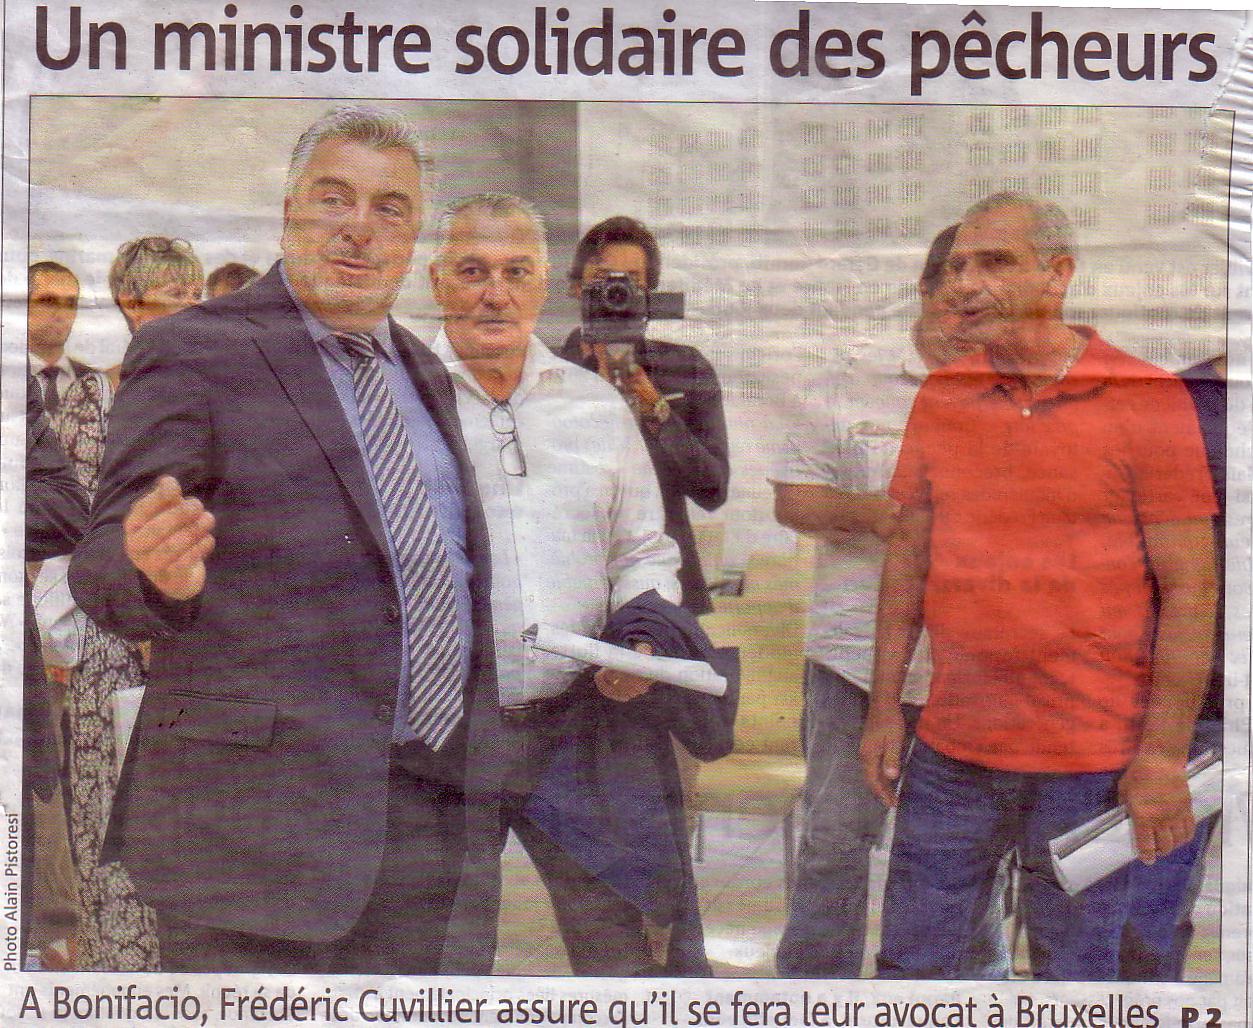 F.CUVILLIER - Secrétaire d'Etat chargé des transports et de la pêche en visite en Corse